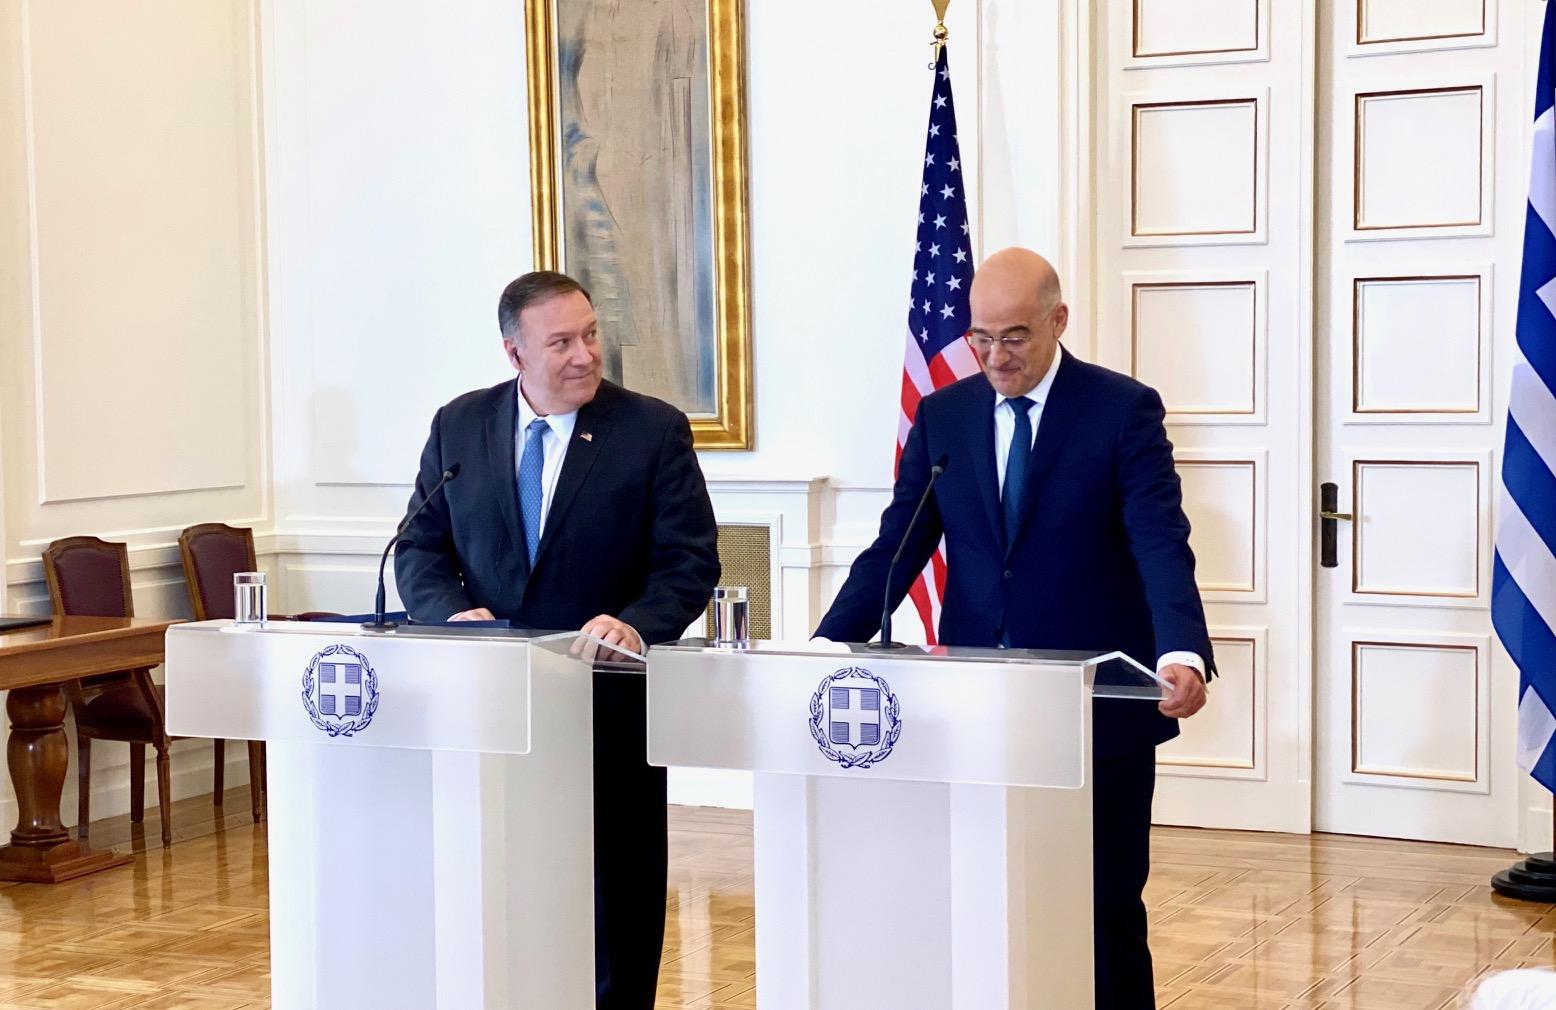 Εμβάθυνση των σχέσεων Ελλάδας ΗΠΑ